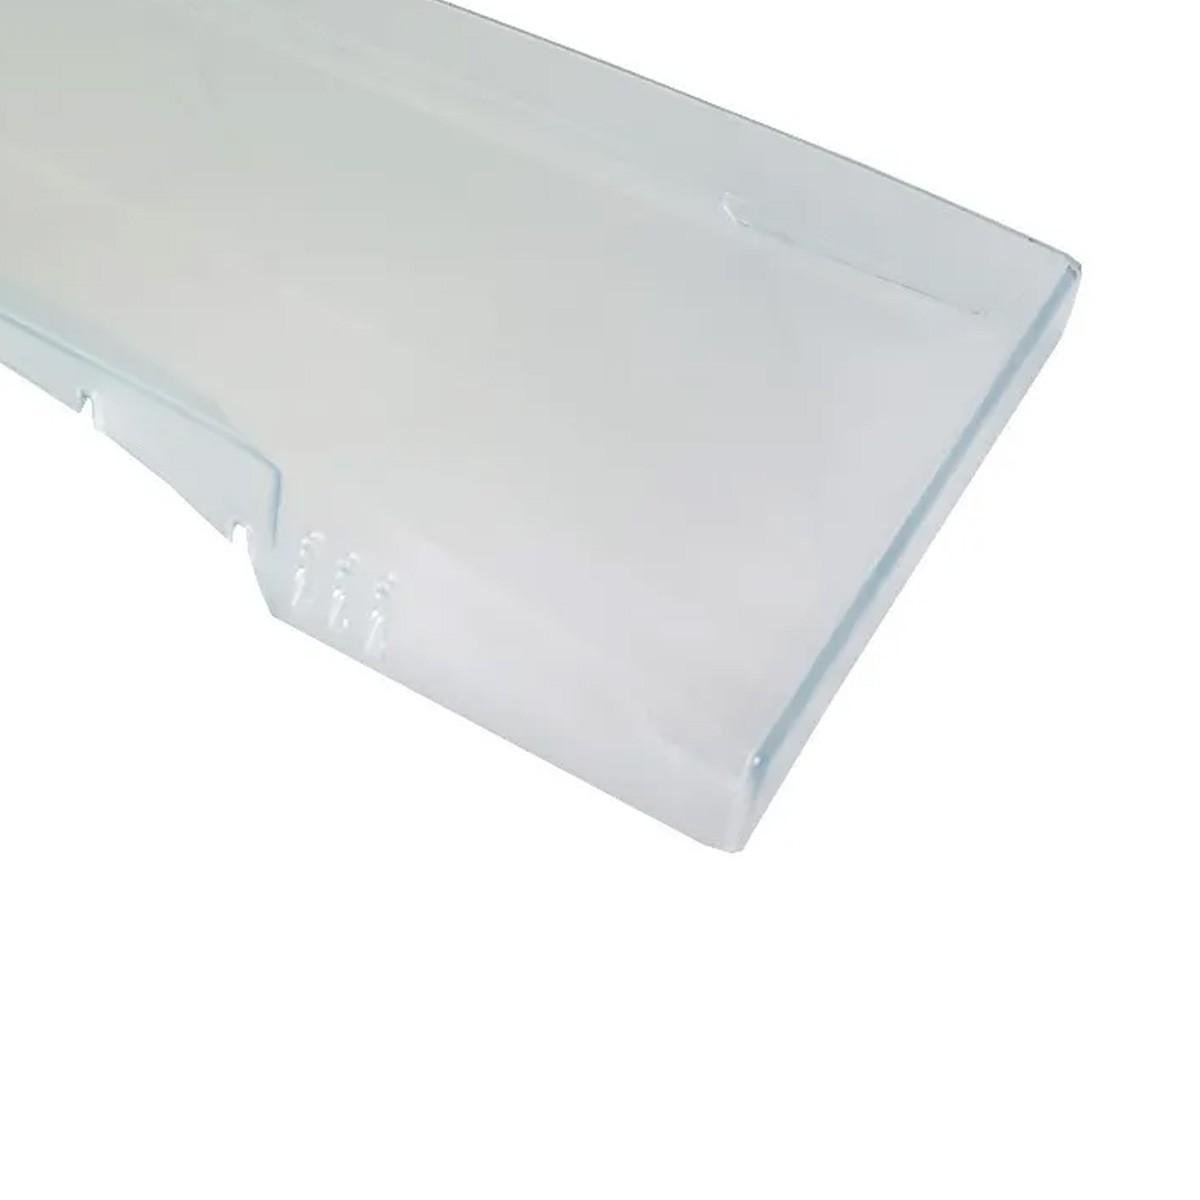 Kit com 6 Tampas Frontal Da Gaveta Cesto Para Freezer Vertical Electrolux - 77187372